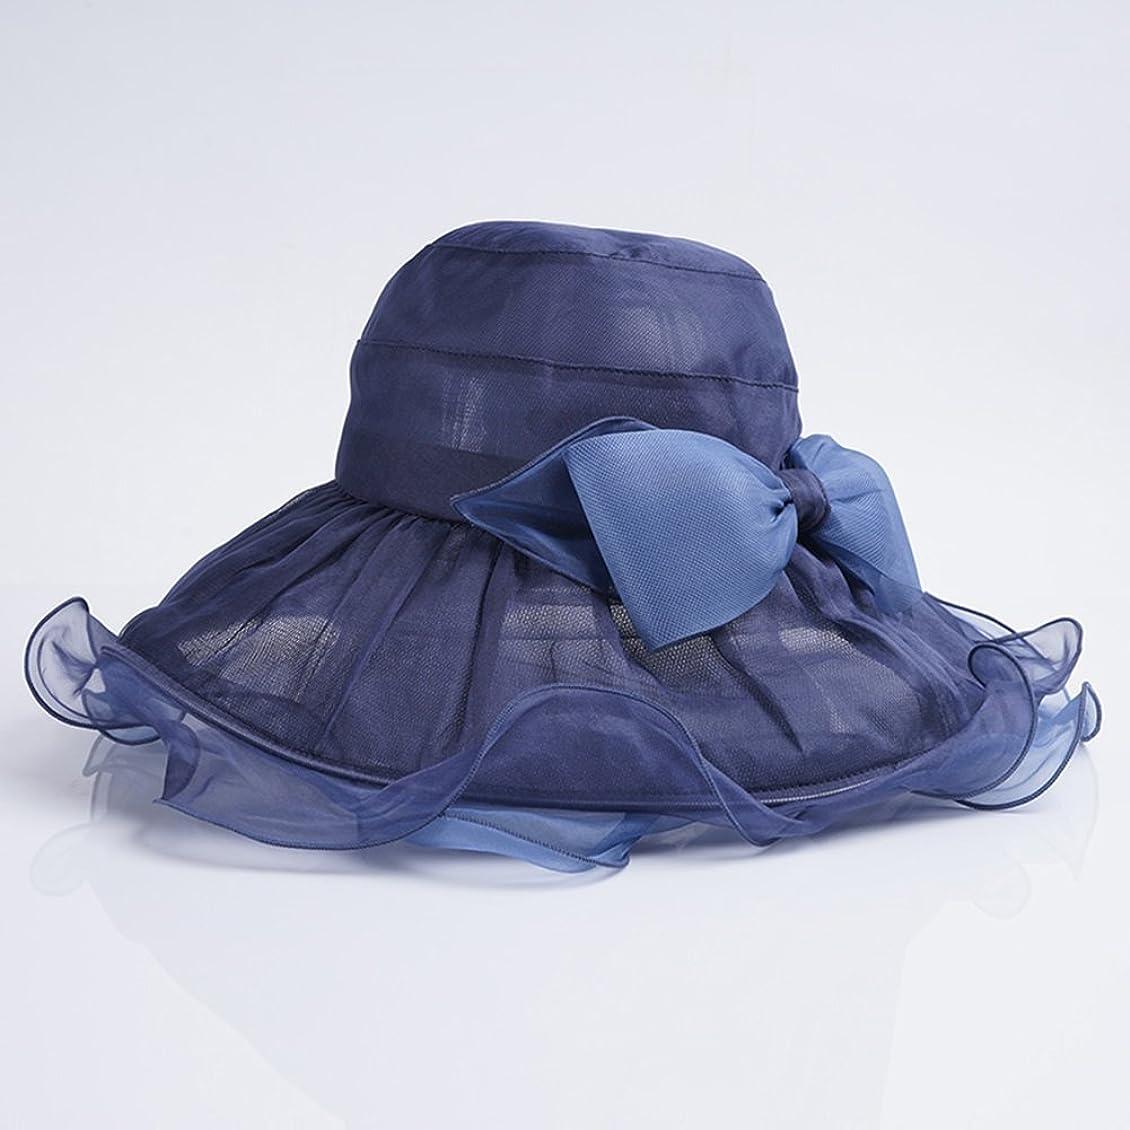 韓国請うクラウド夏の夏韓国のバージョンシルクの帽子旅行のビーチの帽子に沿って大きな ( 色 : #5 )